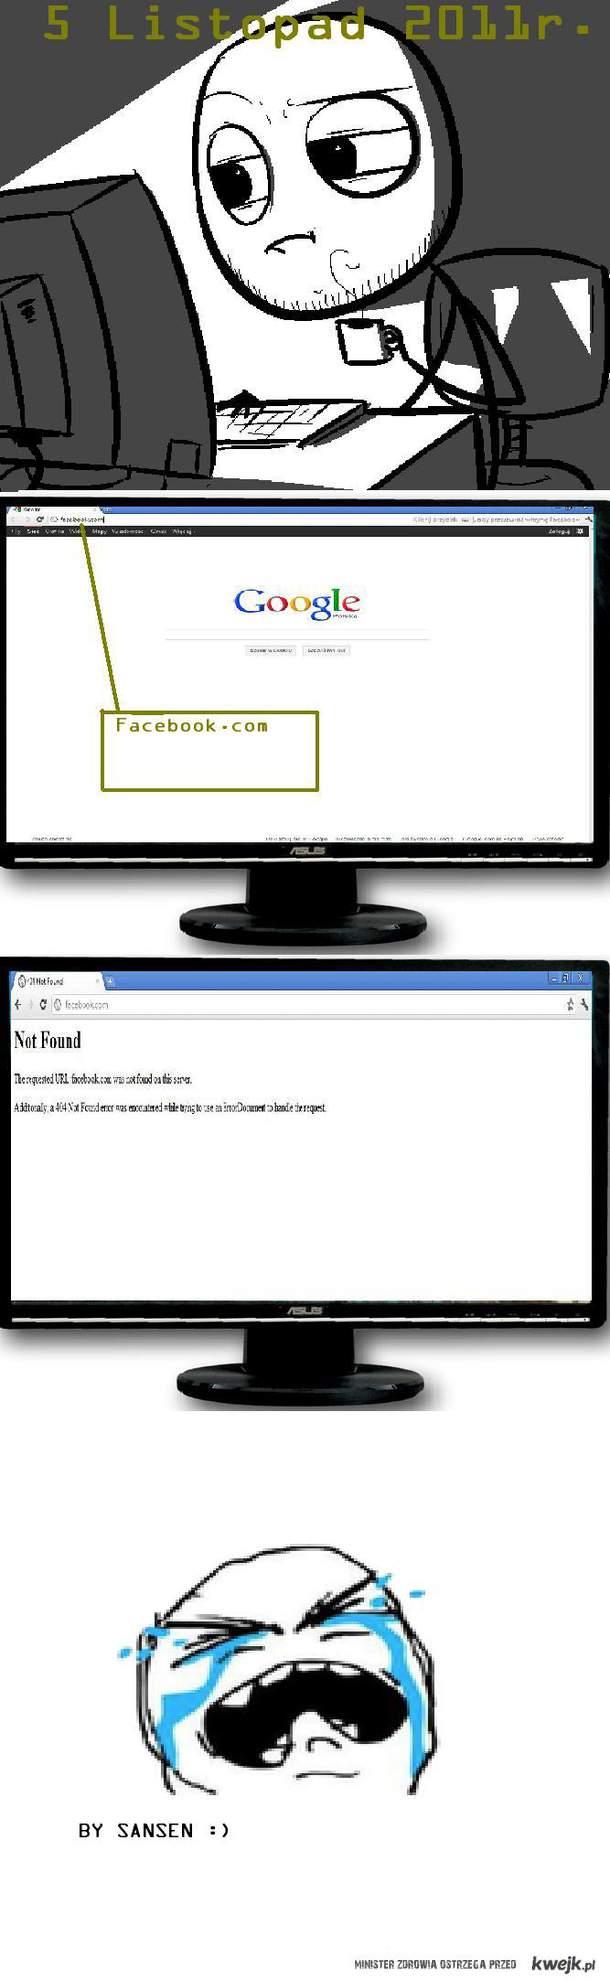 Facebook.com HACK :D